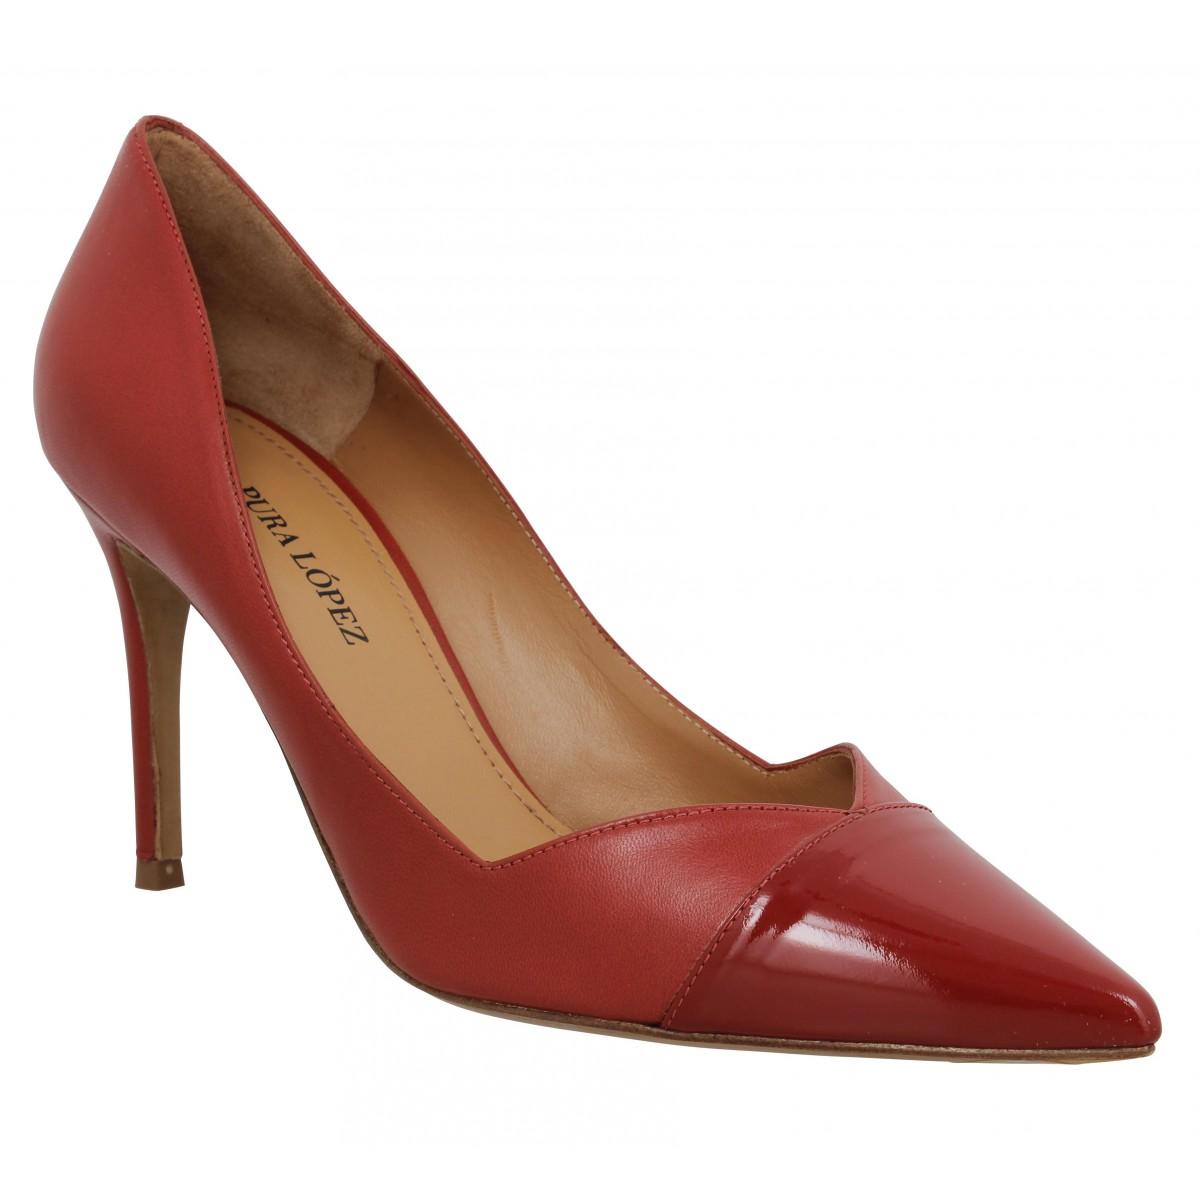 Escarpins PURA LOPEZ AP127 cuir Femme Rouge